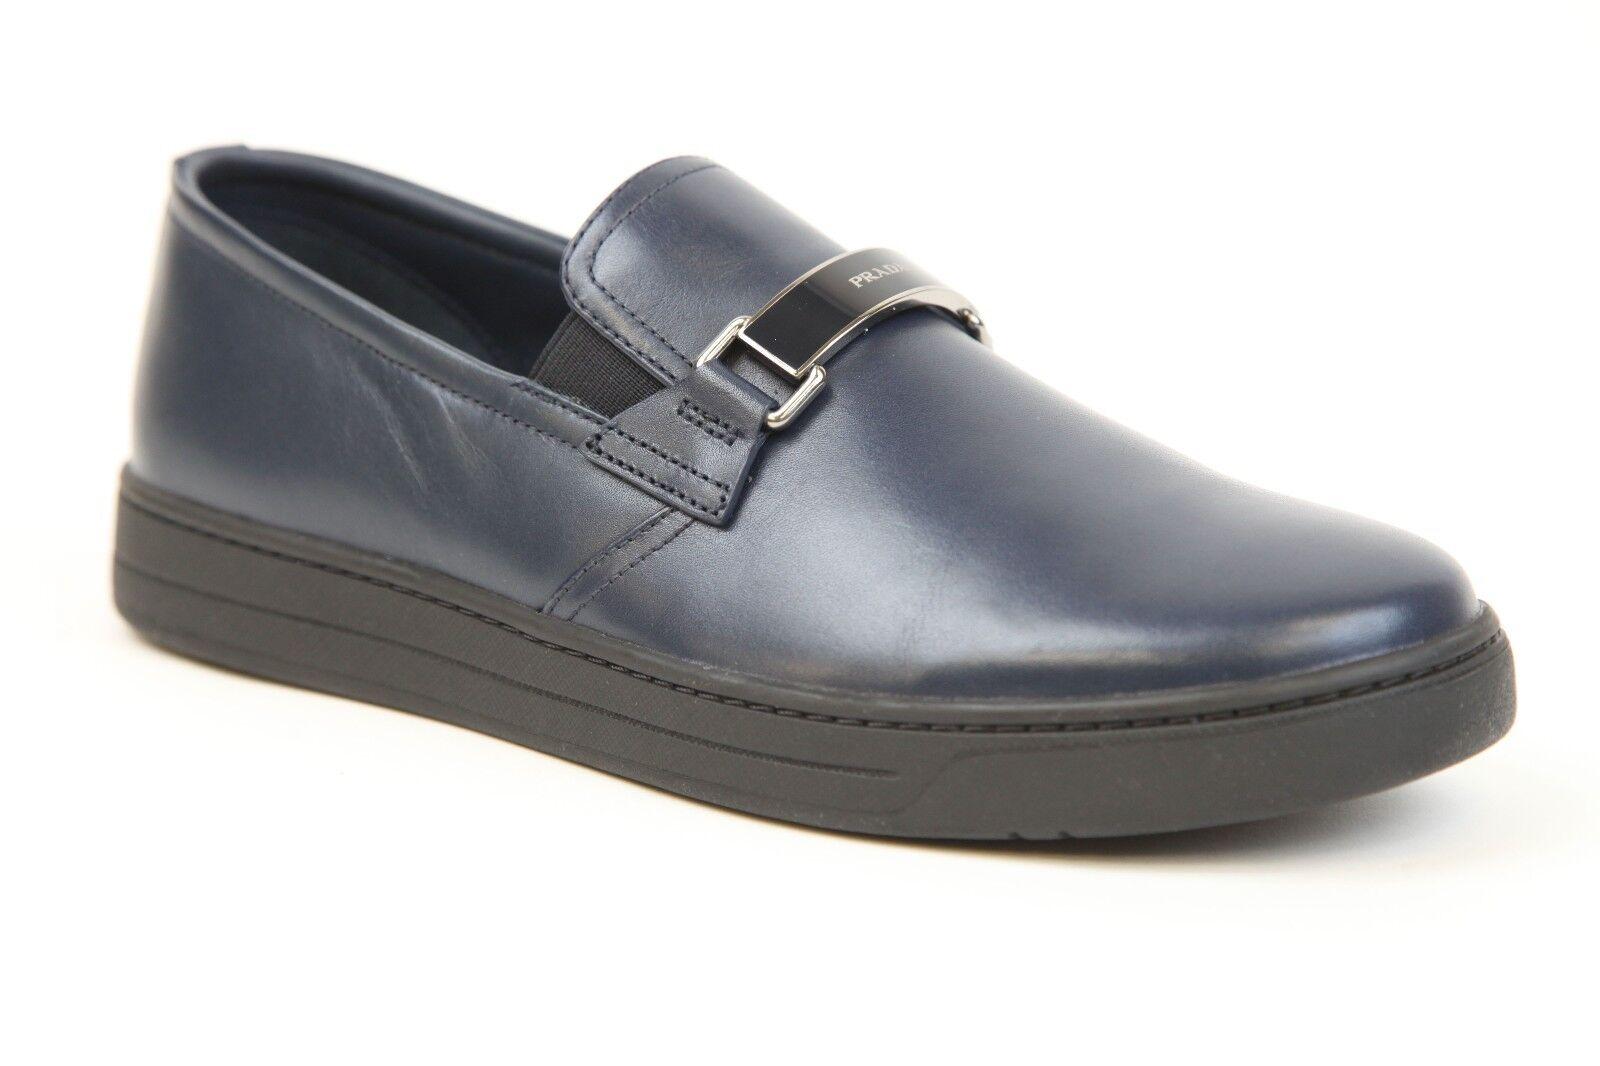 PRADA en cuir bleu à Enfiler Mocassin Chaussures Taille 6.5 USA 7.5 Neuf